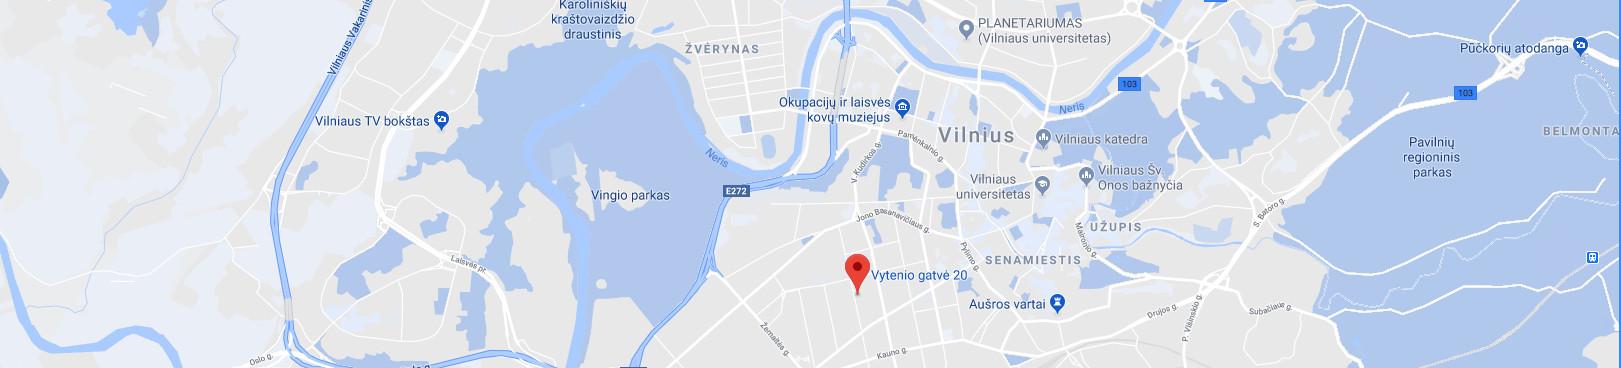 vilnius_kontaktai_contact